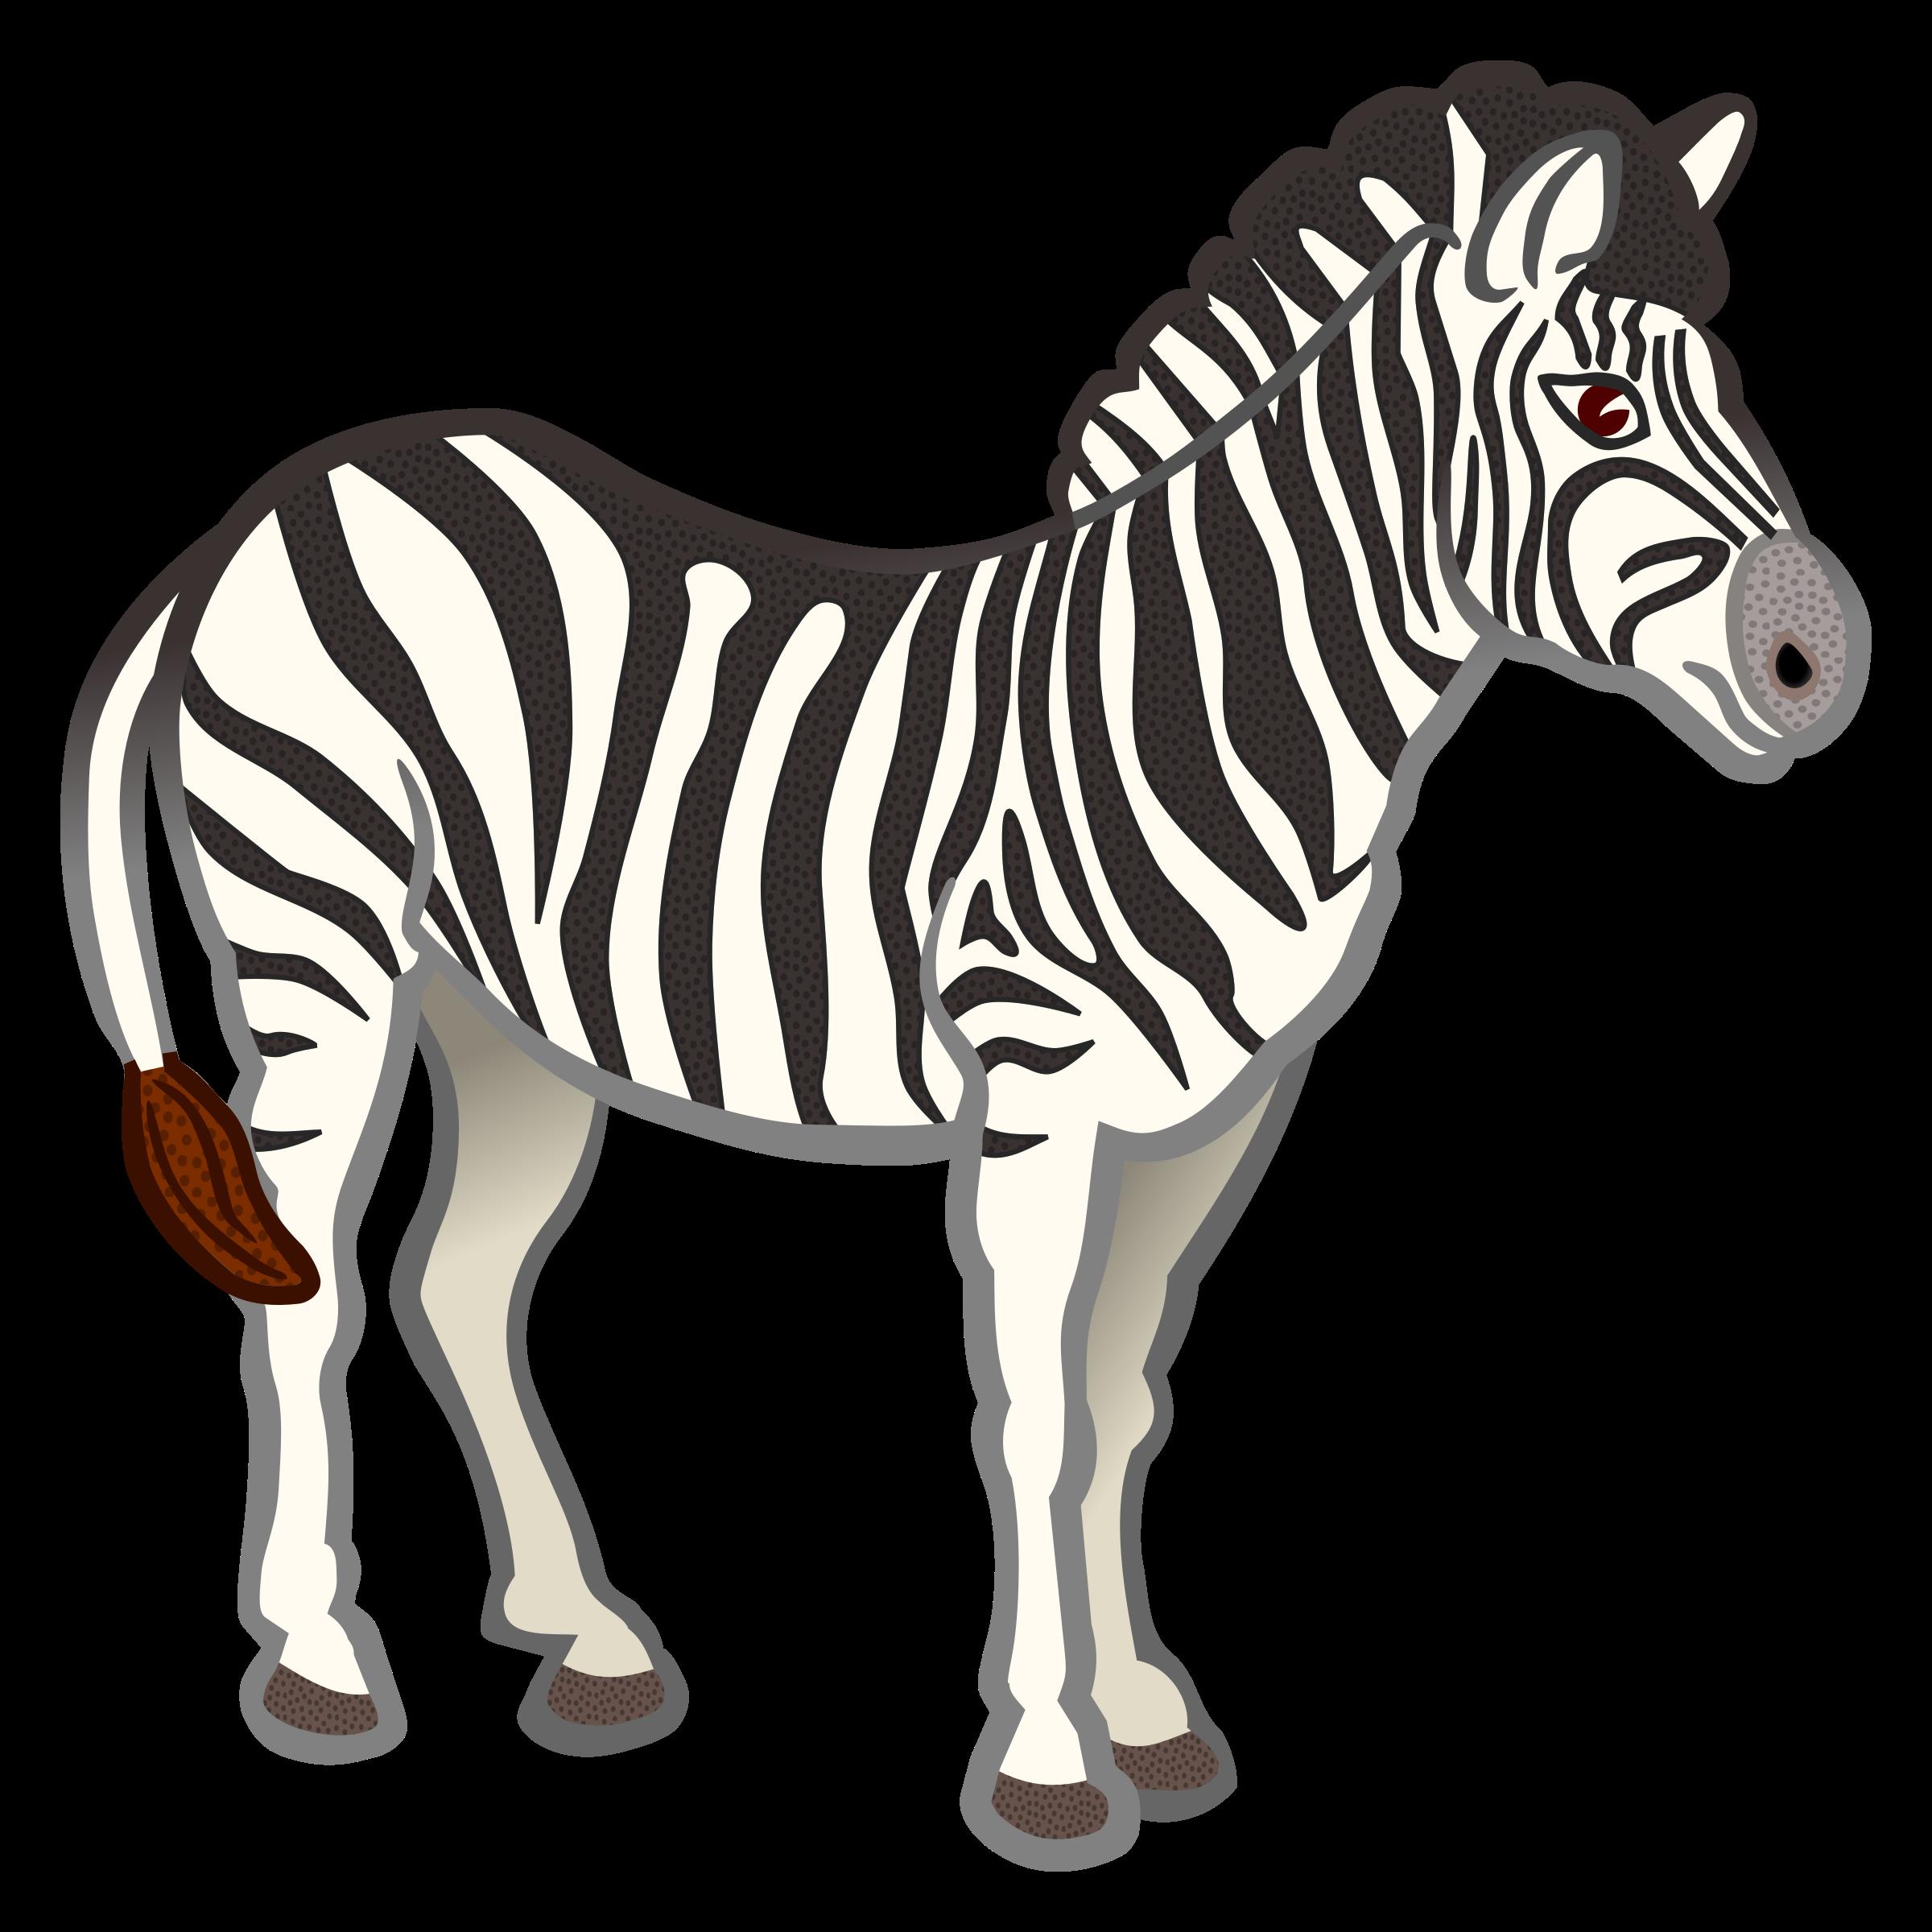 Free zebra clip art clipart 2 - Zebra Clipart